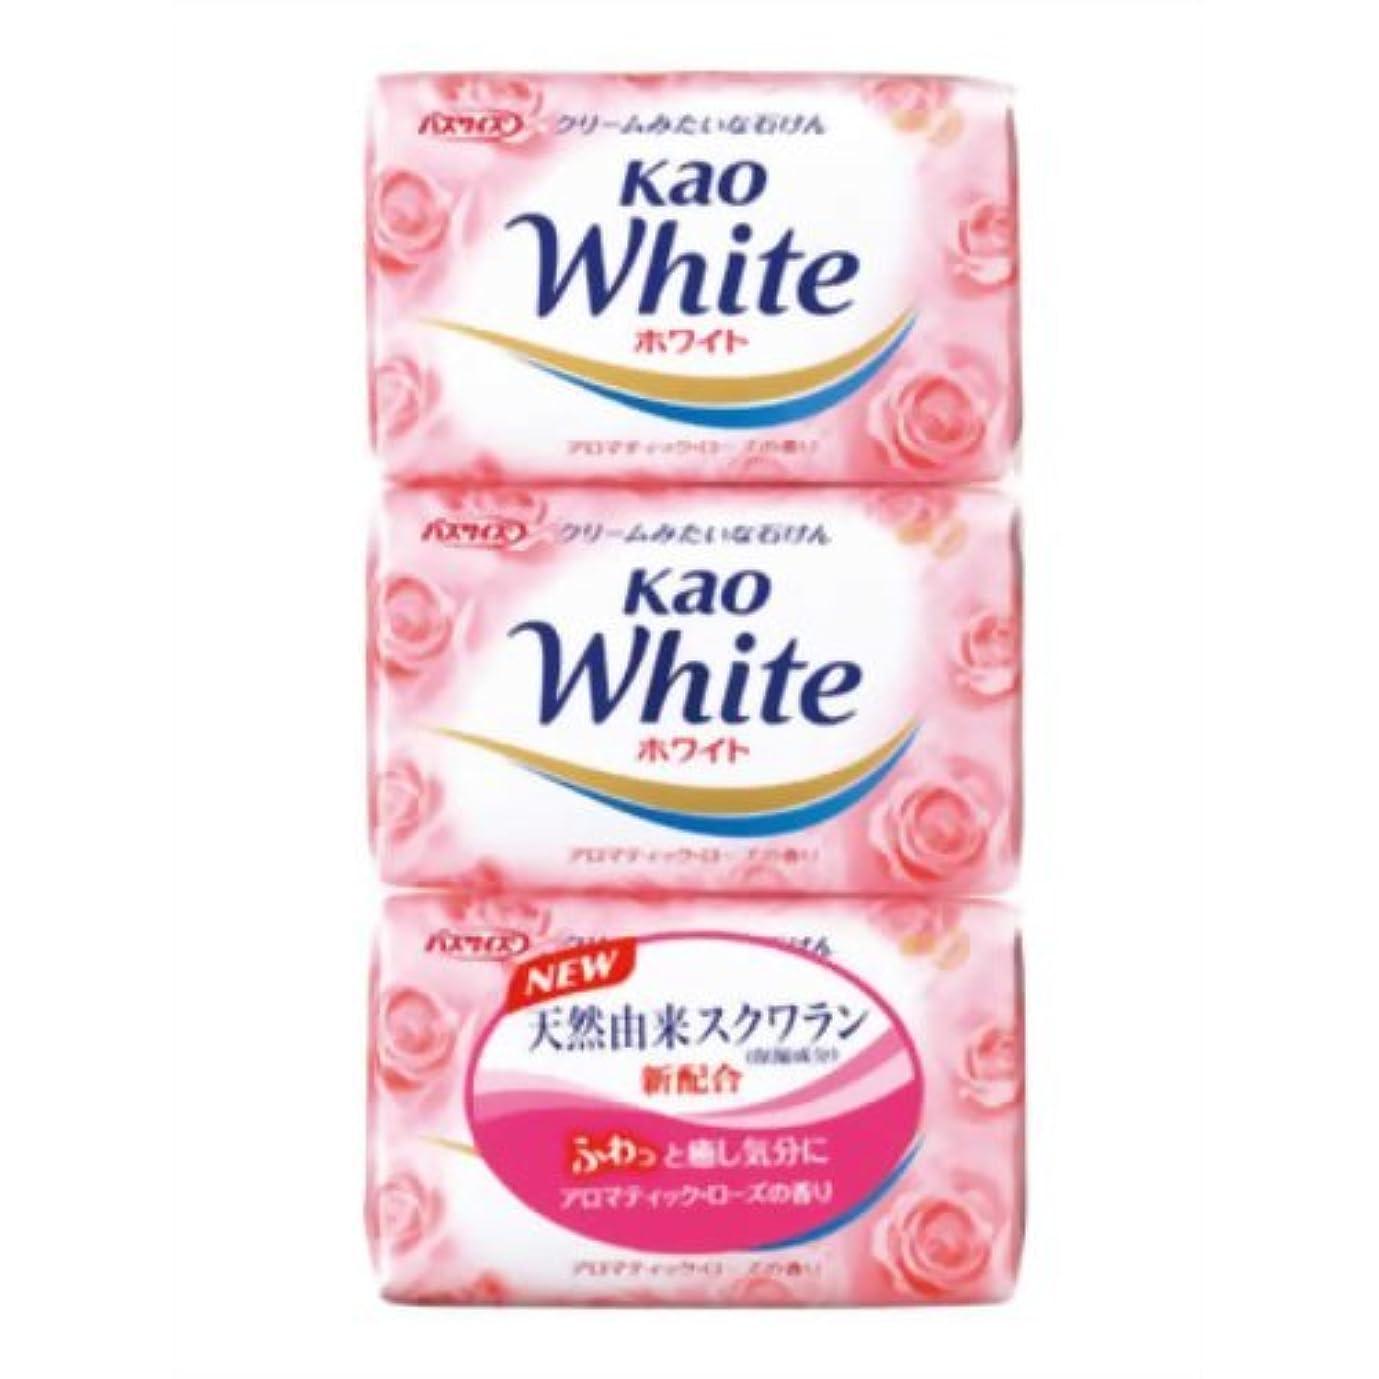 トラブルモナリザゴール花王ホワイト アロマティックローズの香り バスサイズ 130g*3個入